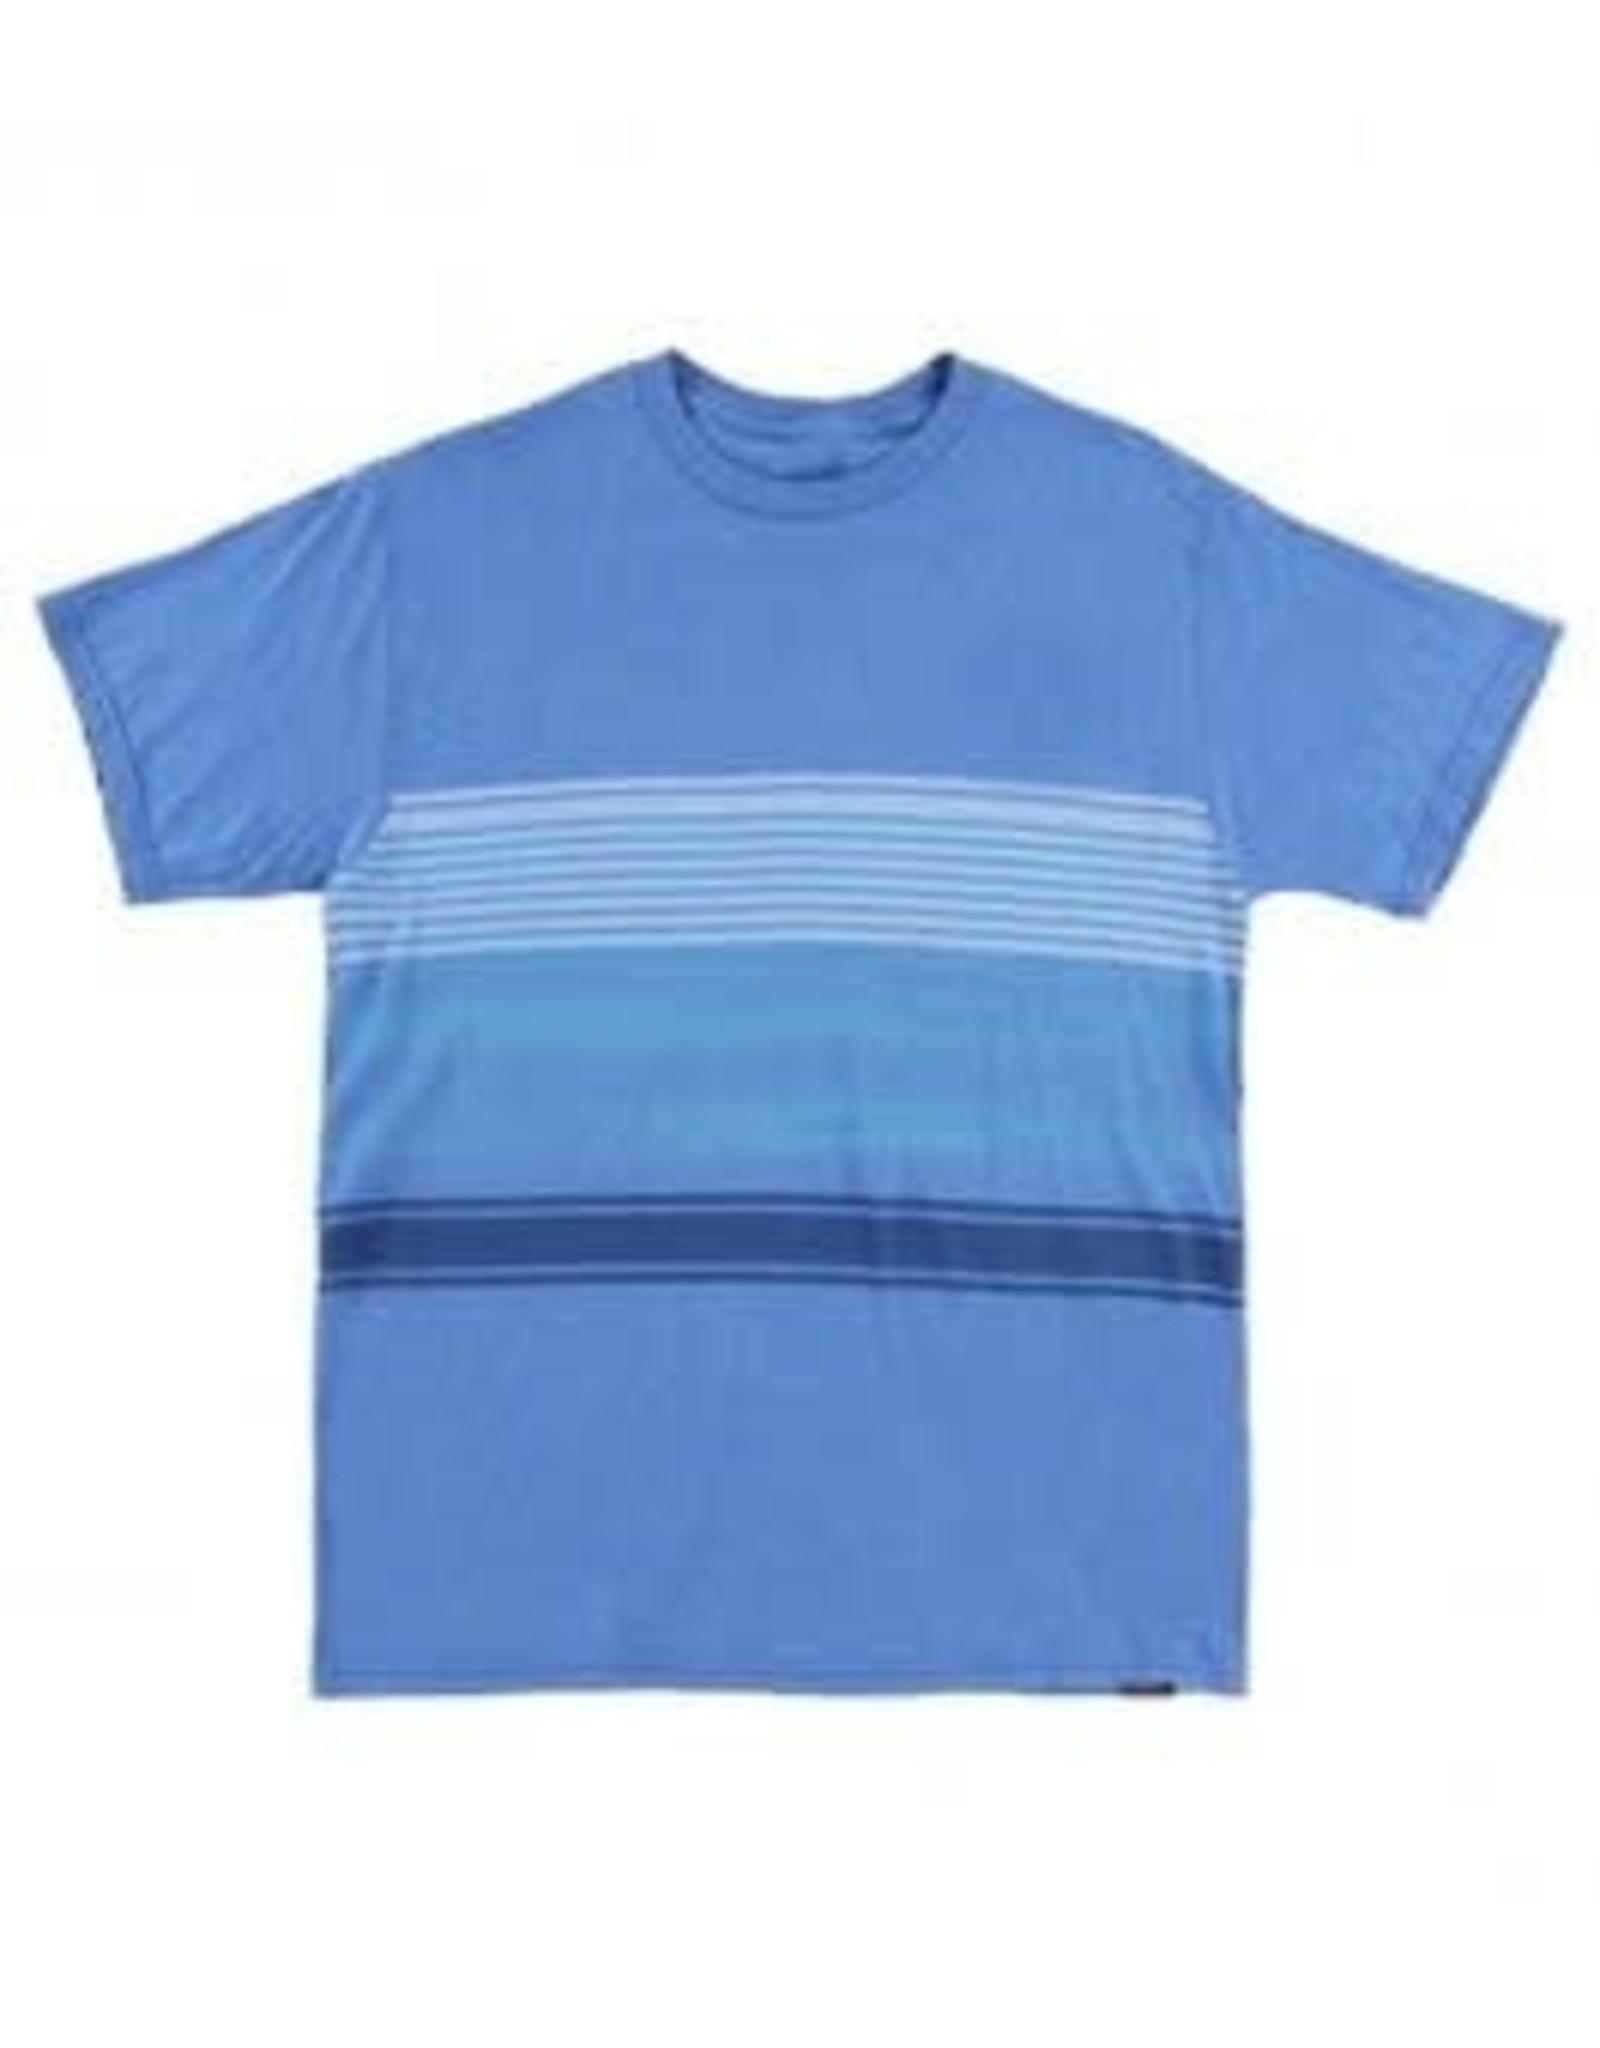 O'Neill Sportswear Hijinx Heather Premium Tee 2XL